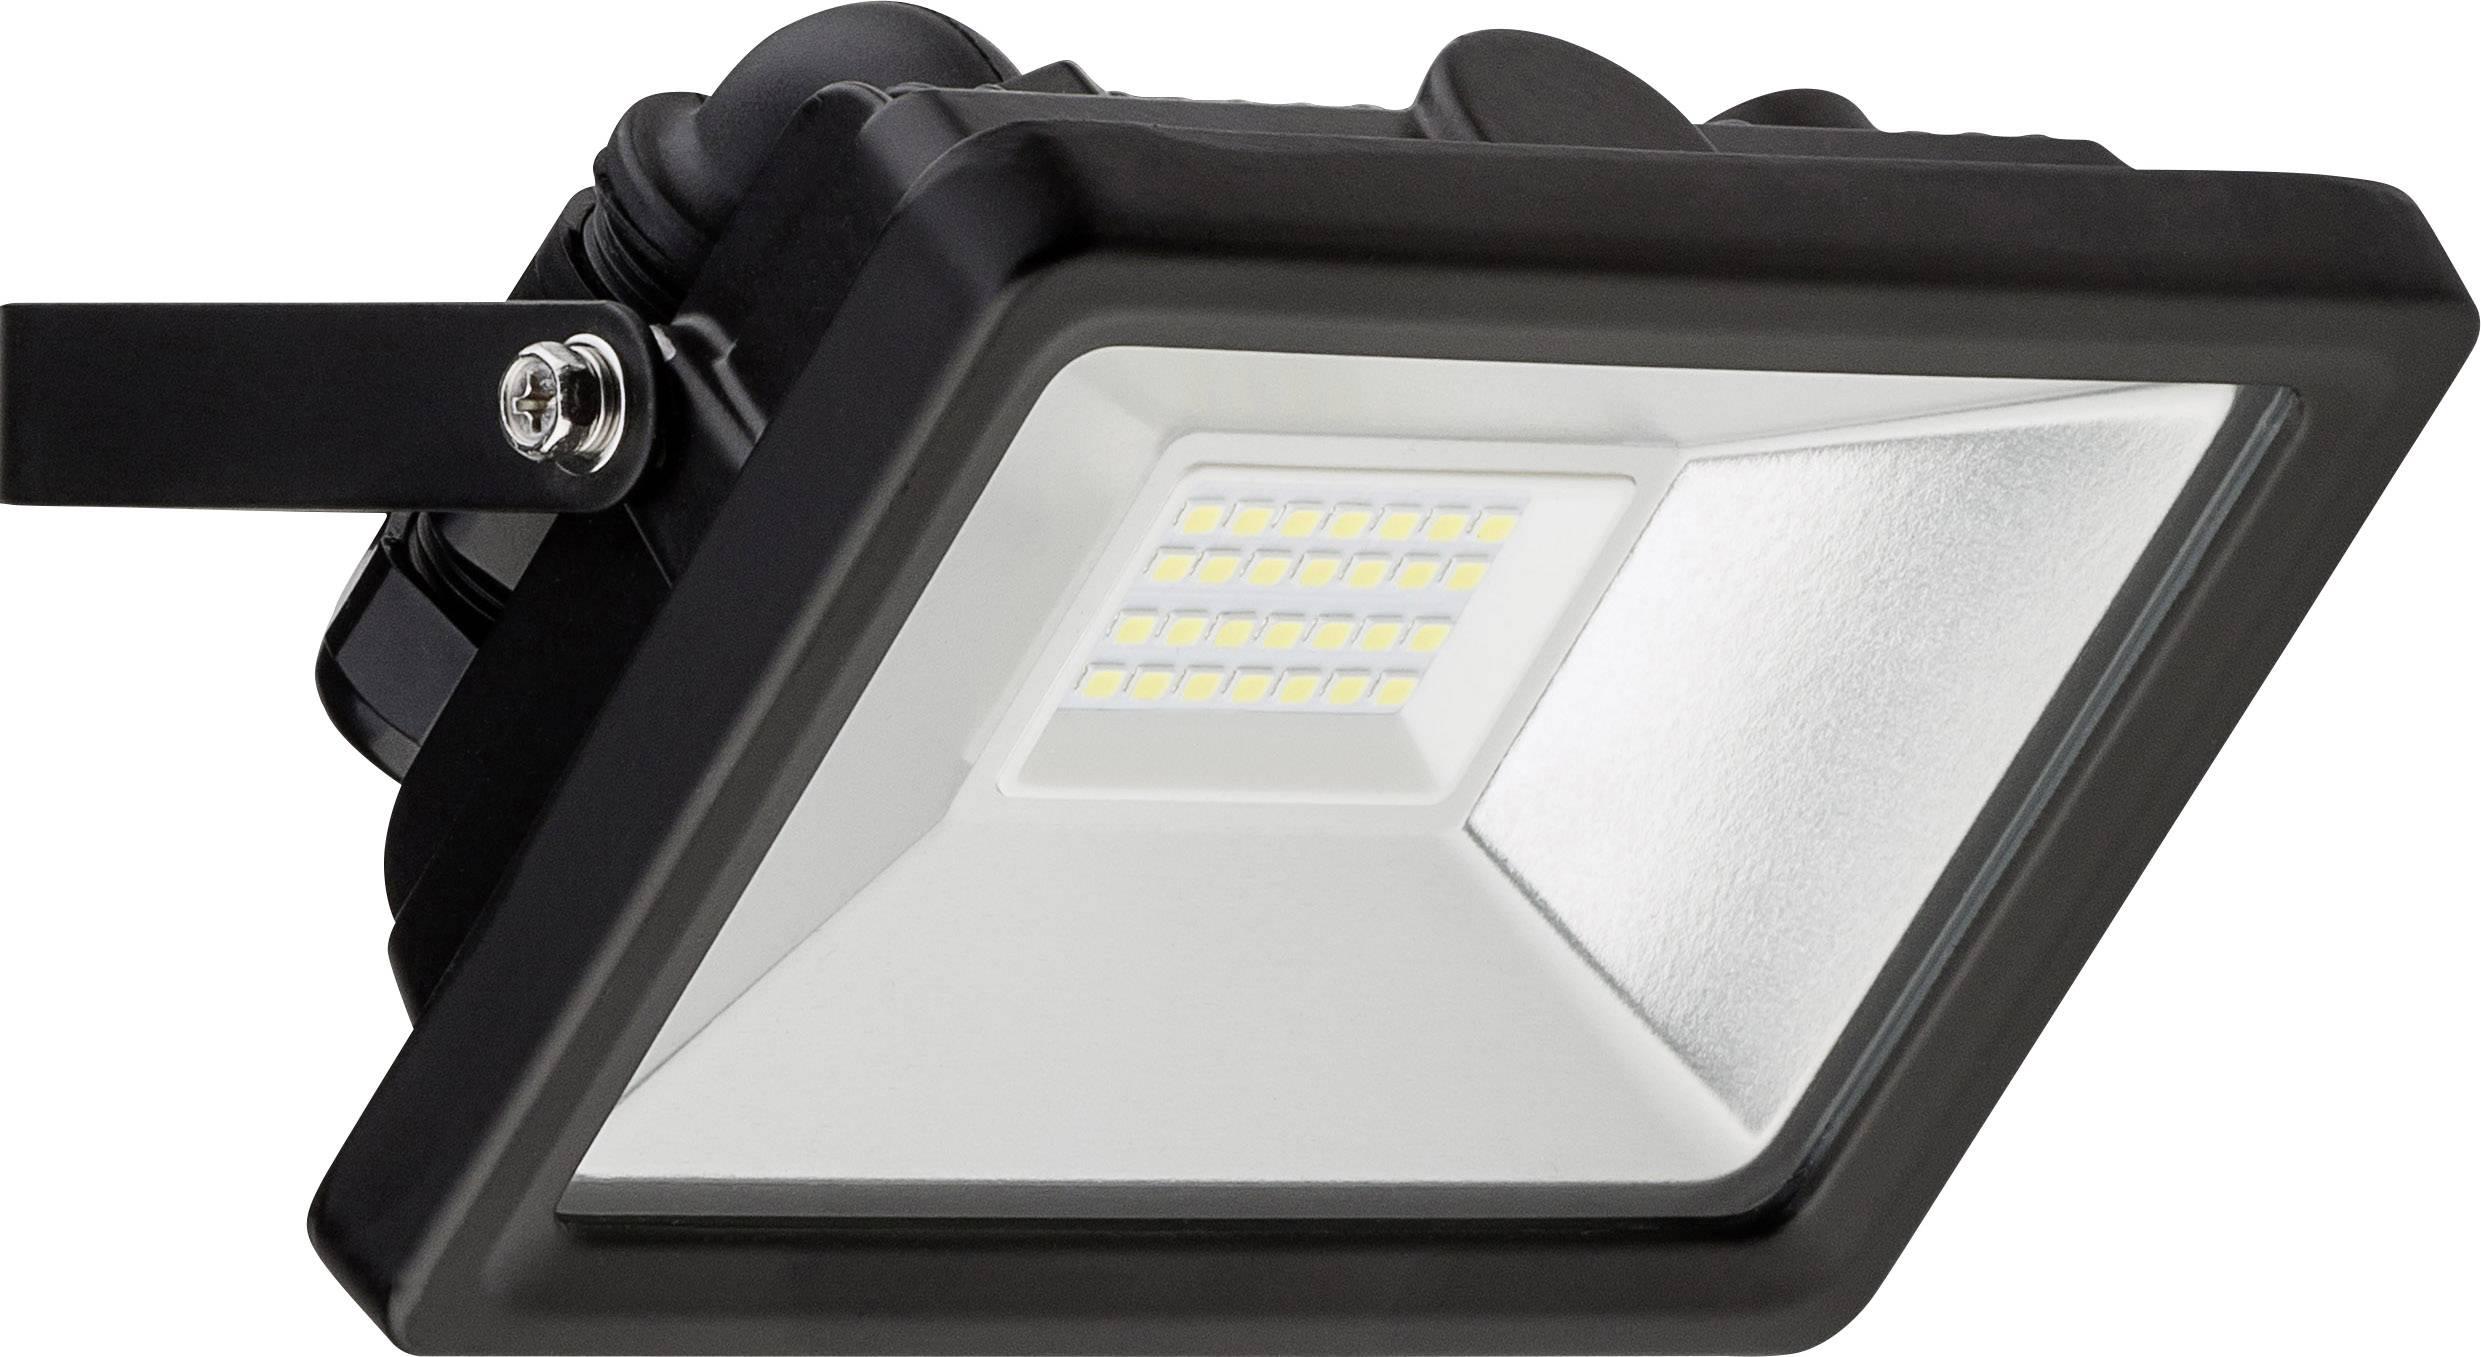 Super LED-udendørs projektør Goobay 20 W 1650 lm Dagslyshvid Sort GI57